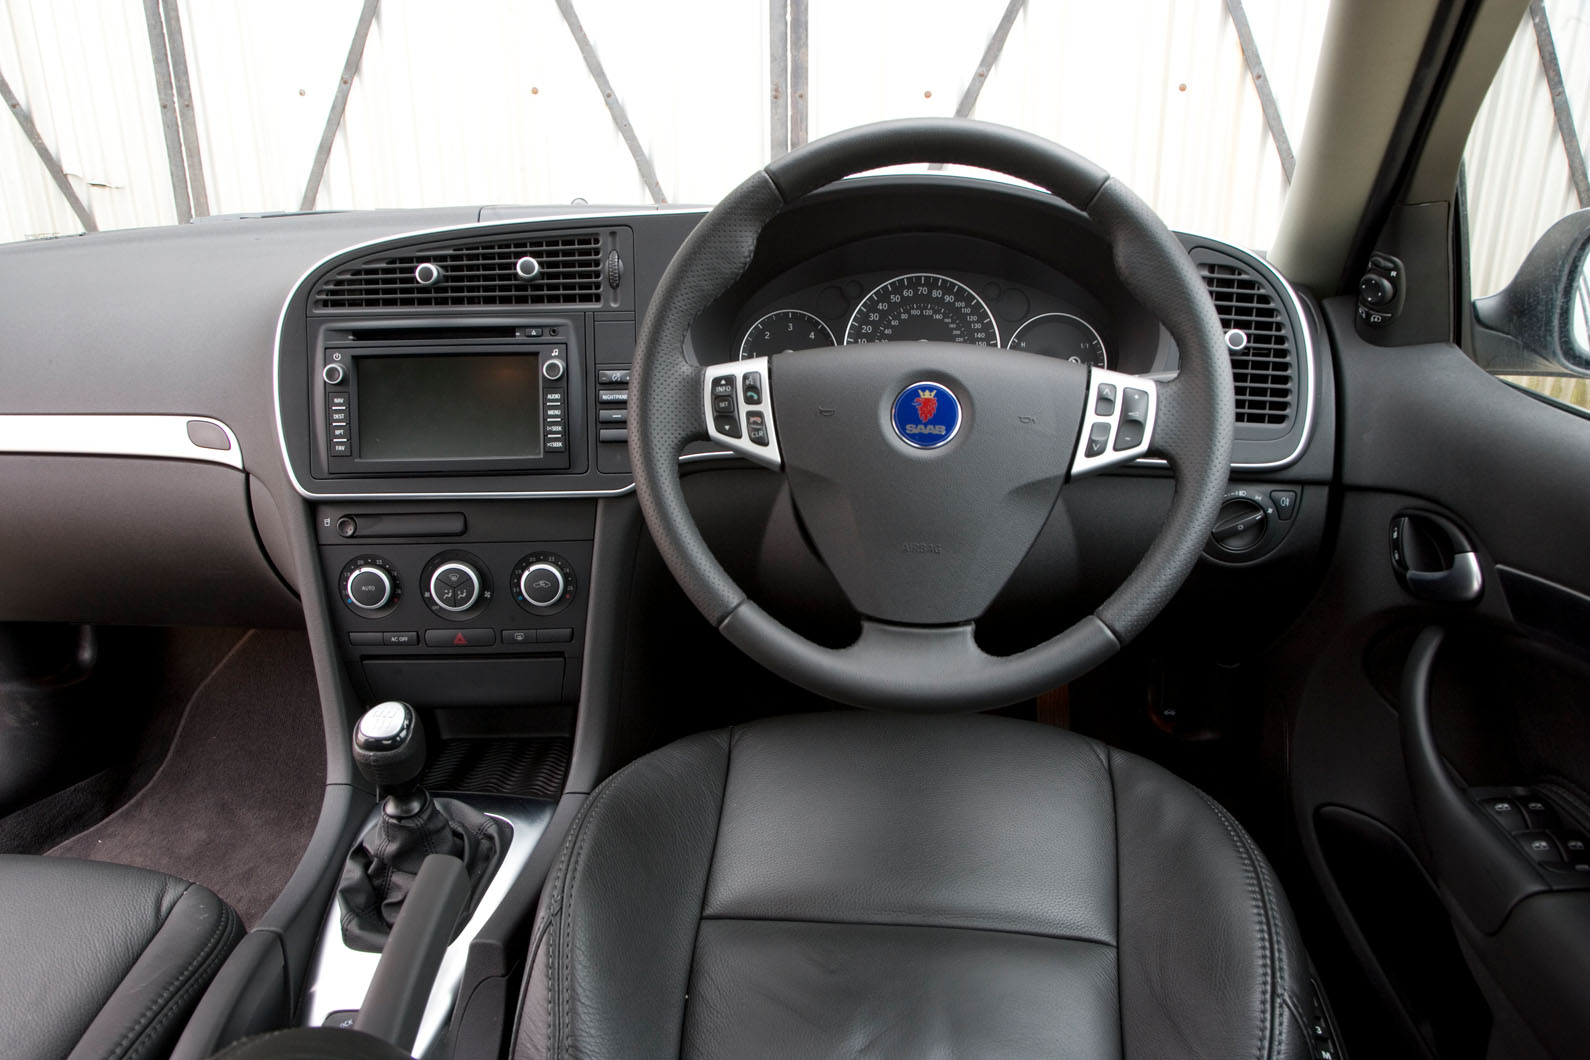 Fits Subaru Saab Nissan Infiniti /& Izusu New Replacement Engine Air Filter